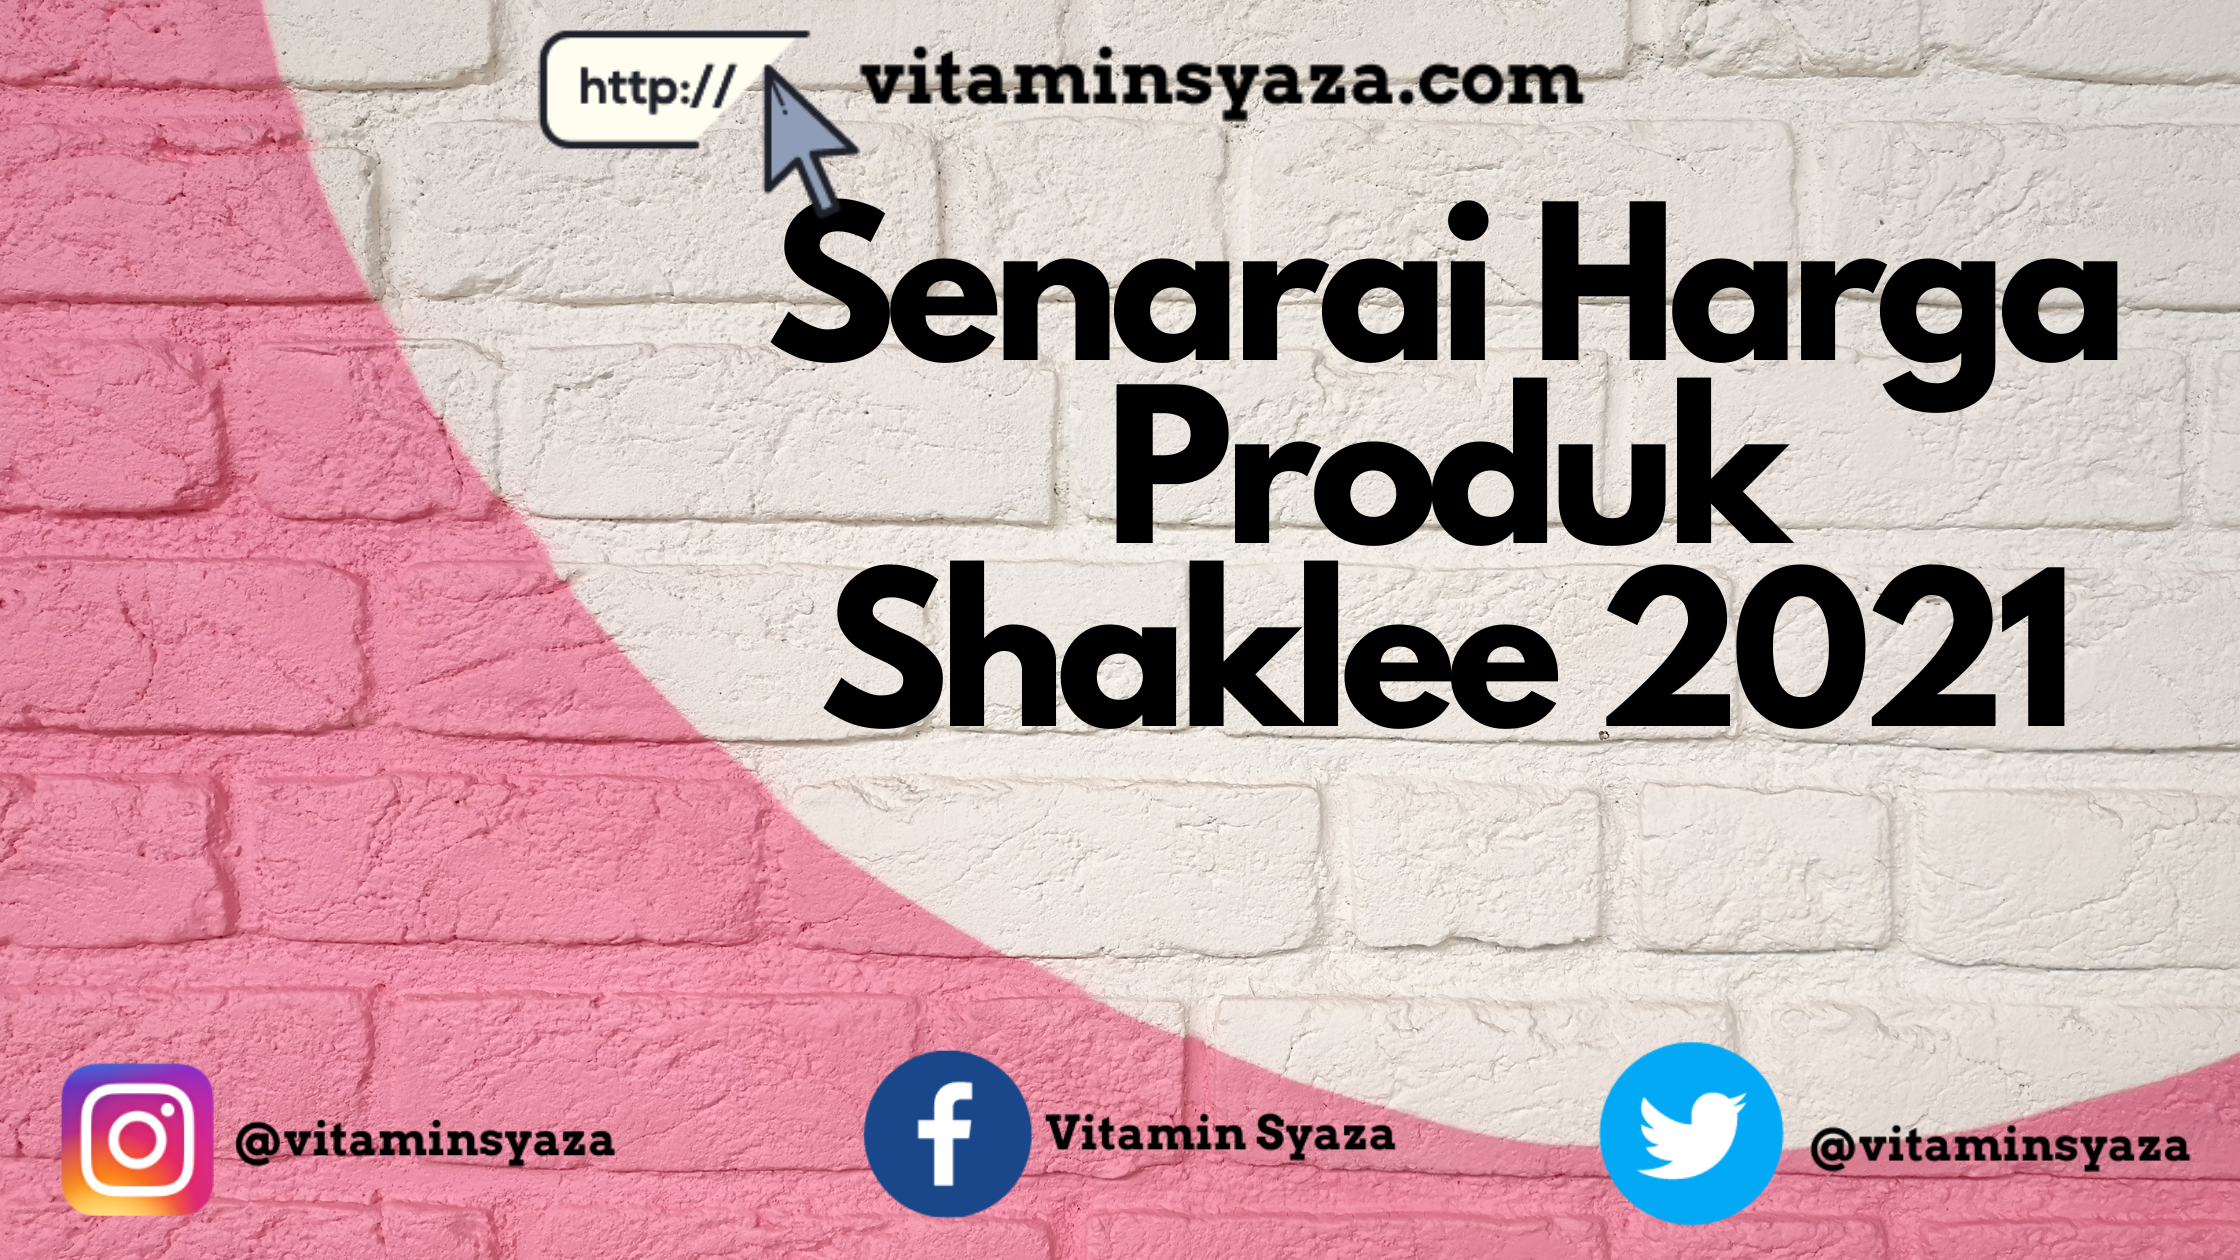 Senarai Harga Produk Shaklee 2021